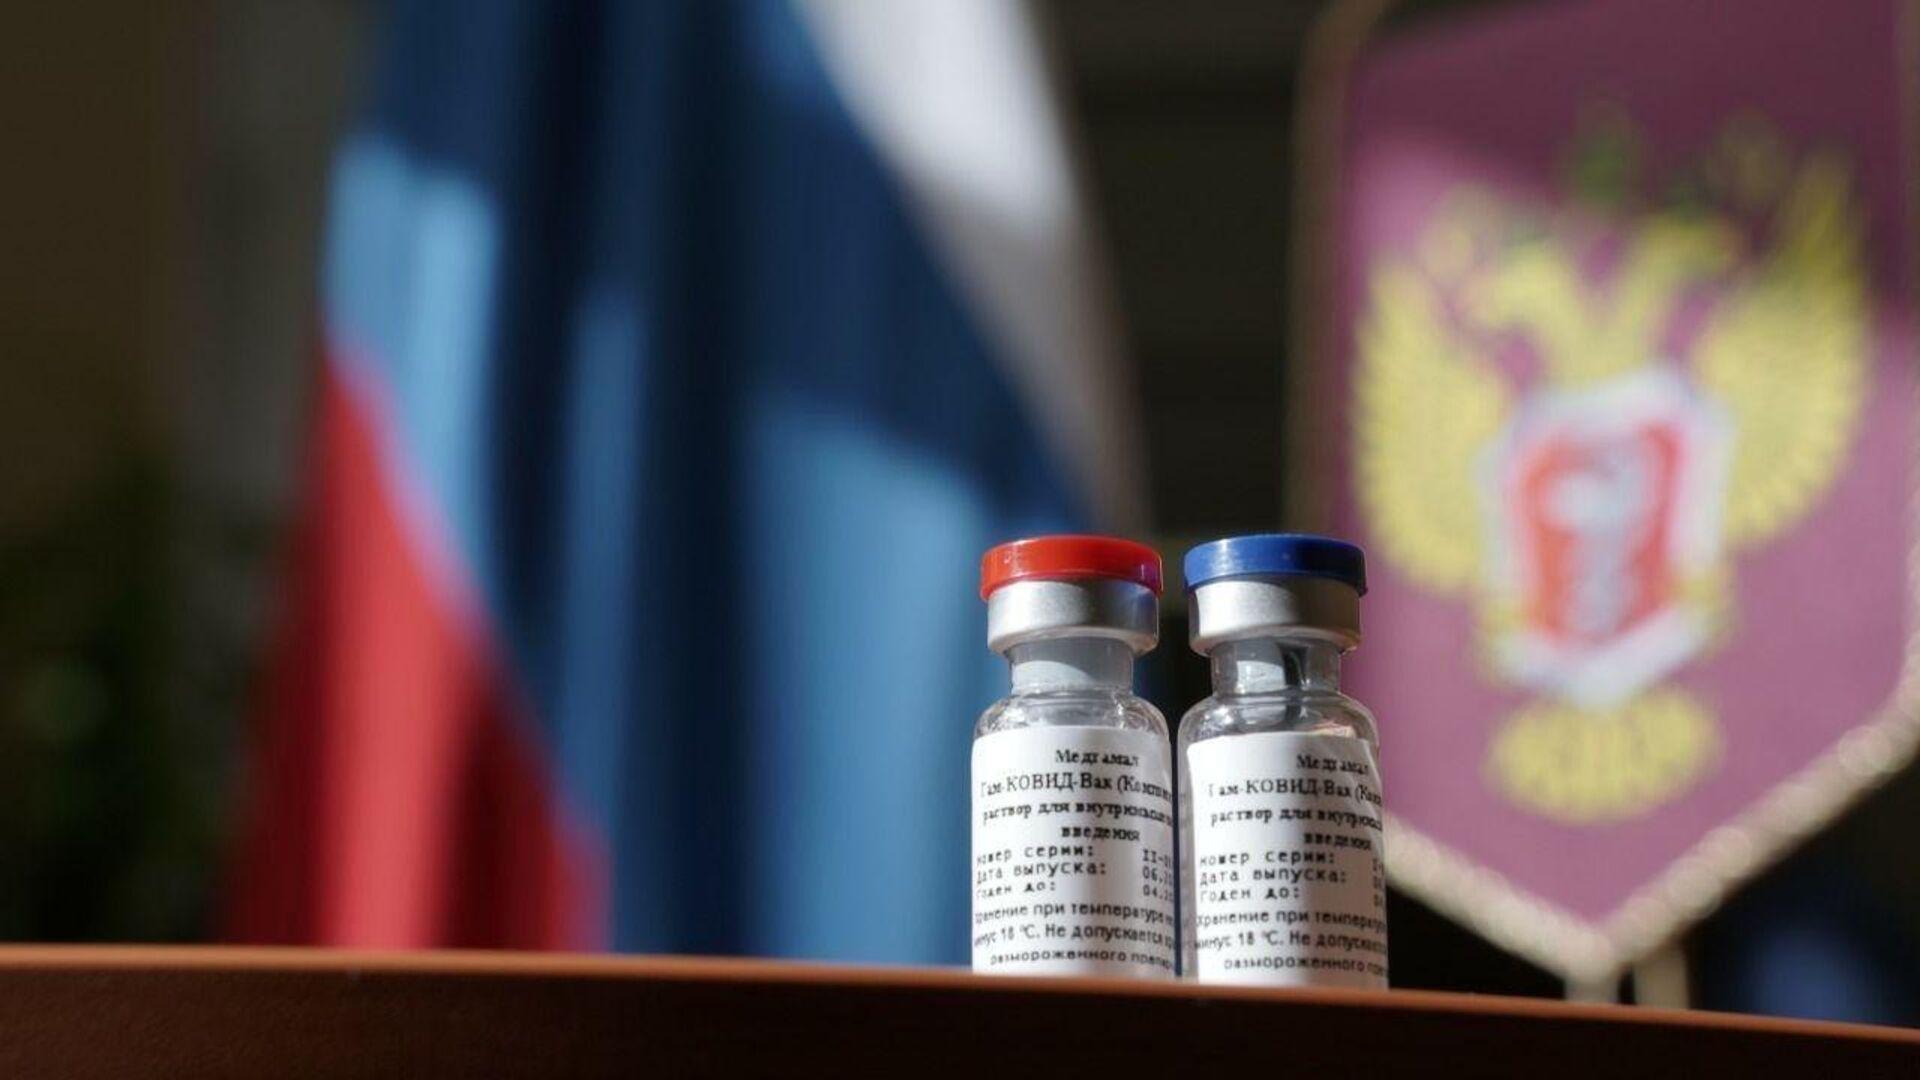 Первая в мире вакцина от коронавируса, зарегистрированная в России - РИА Новости, 1920, 08.09.2020